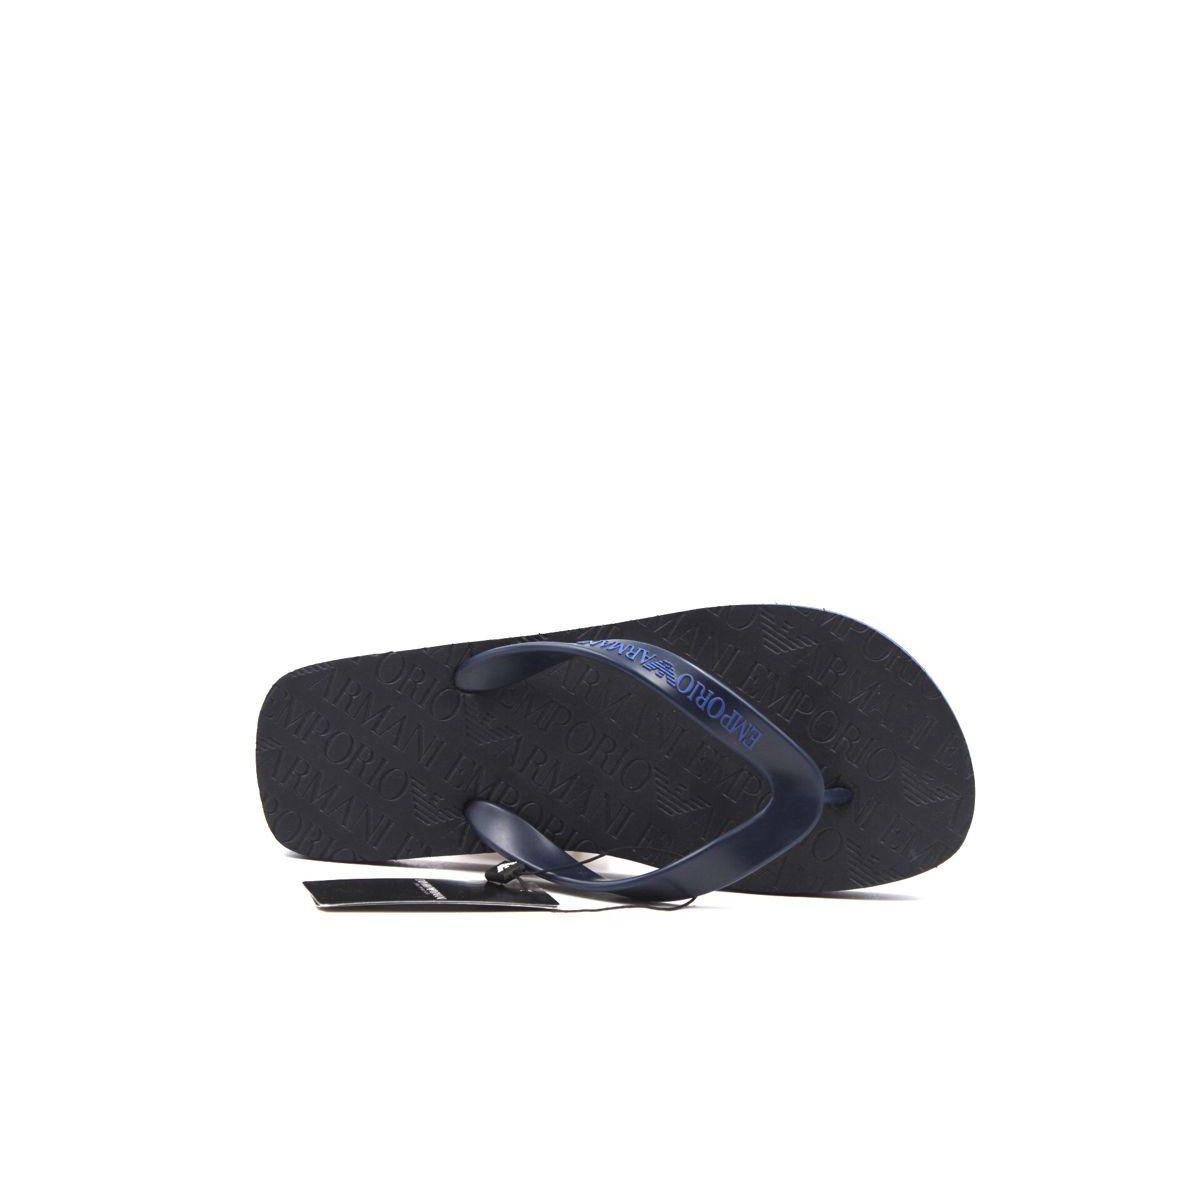 Flip flop Blue black Emporio Armani